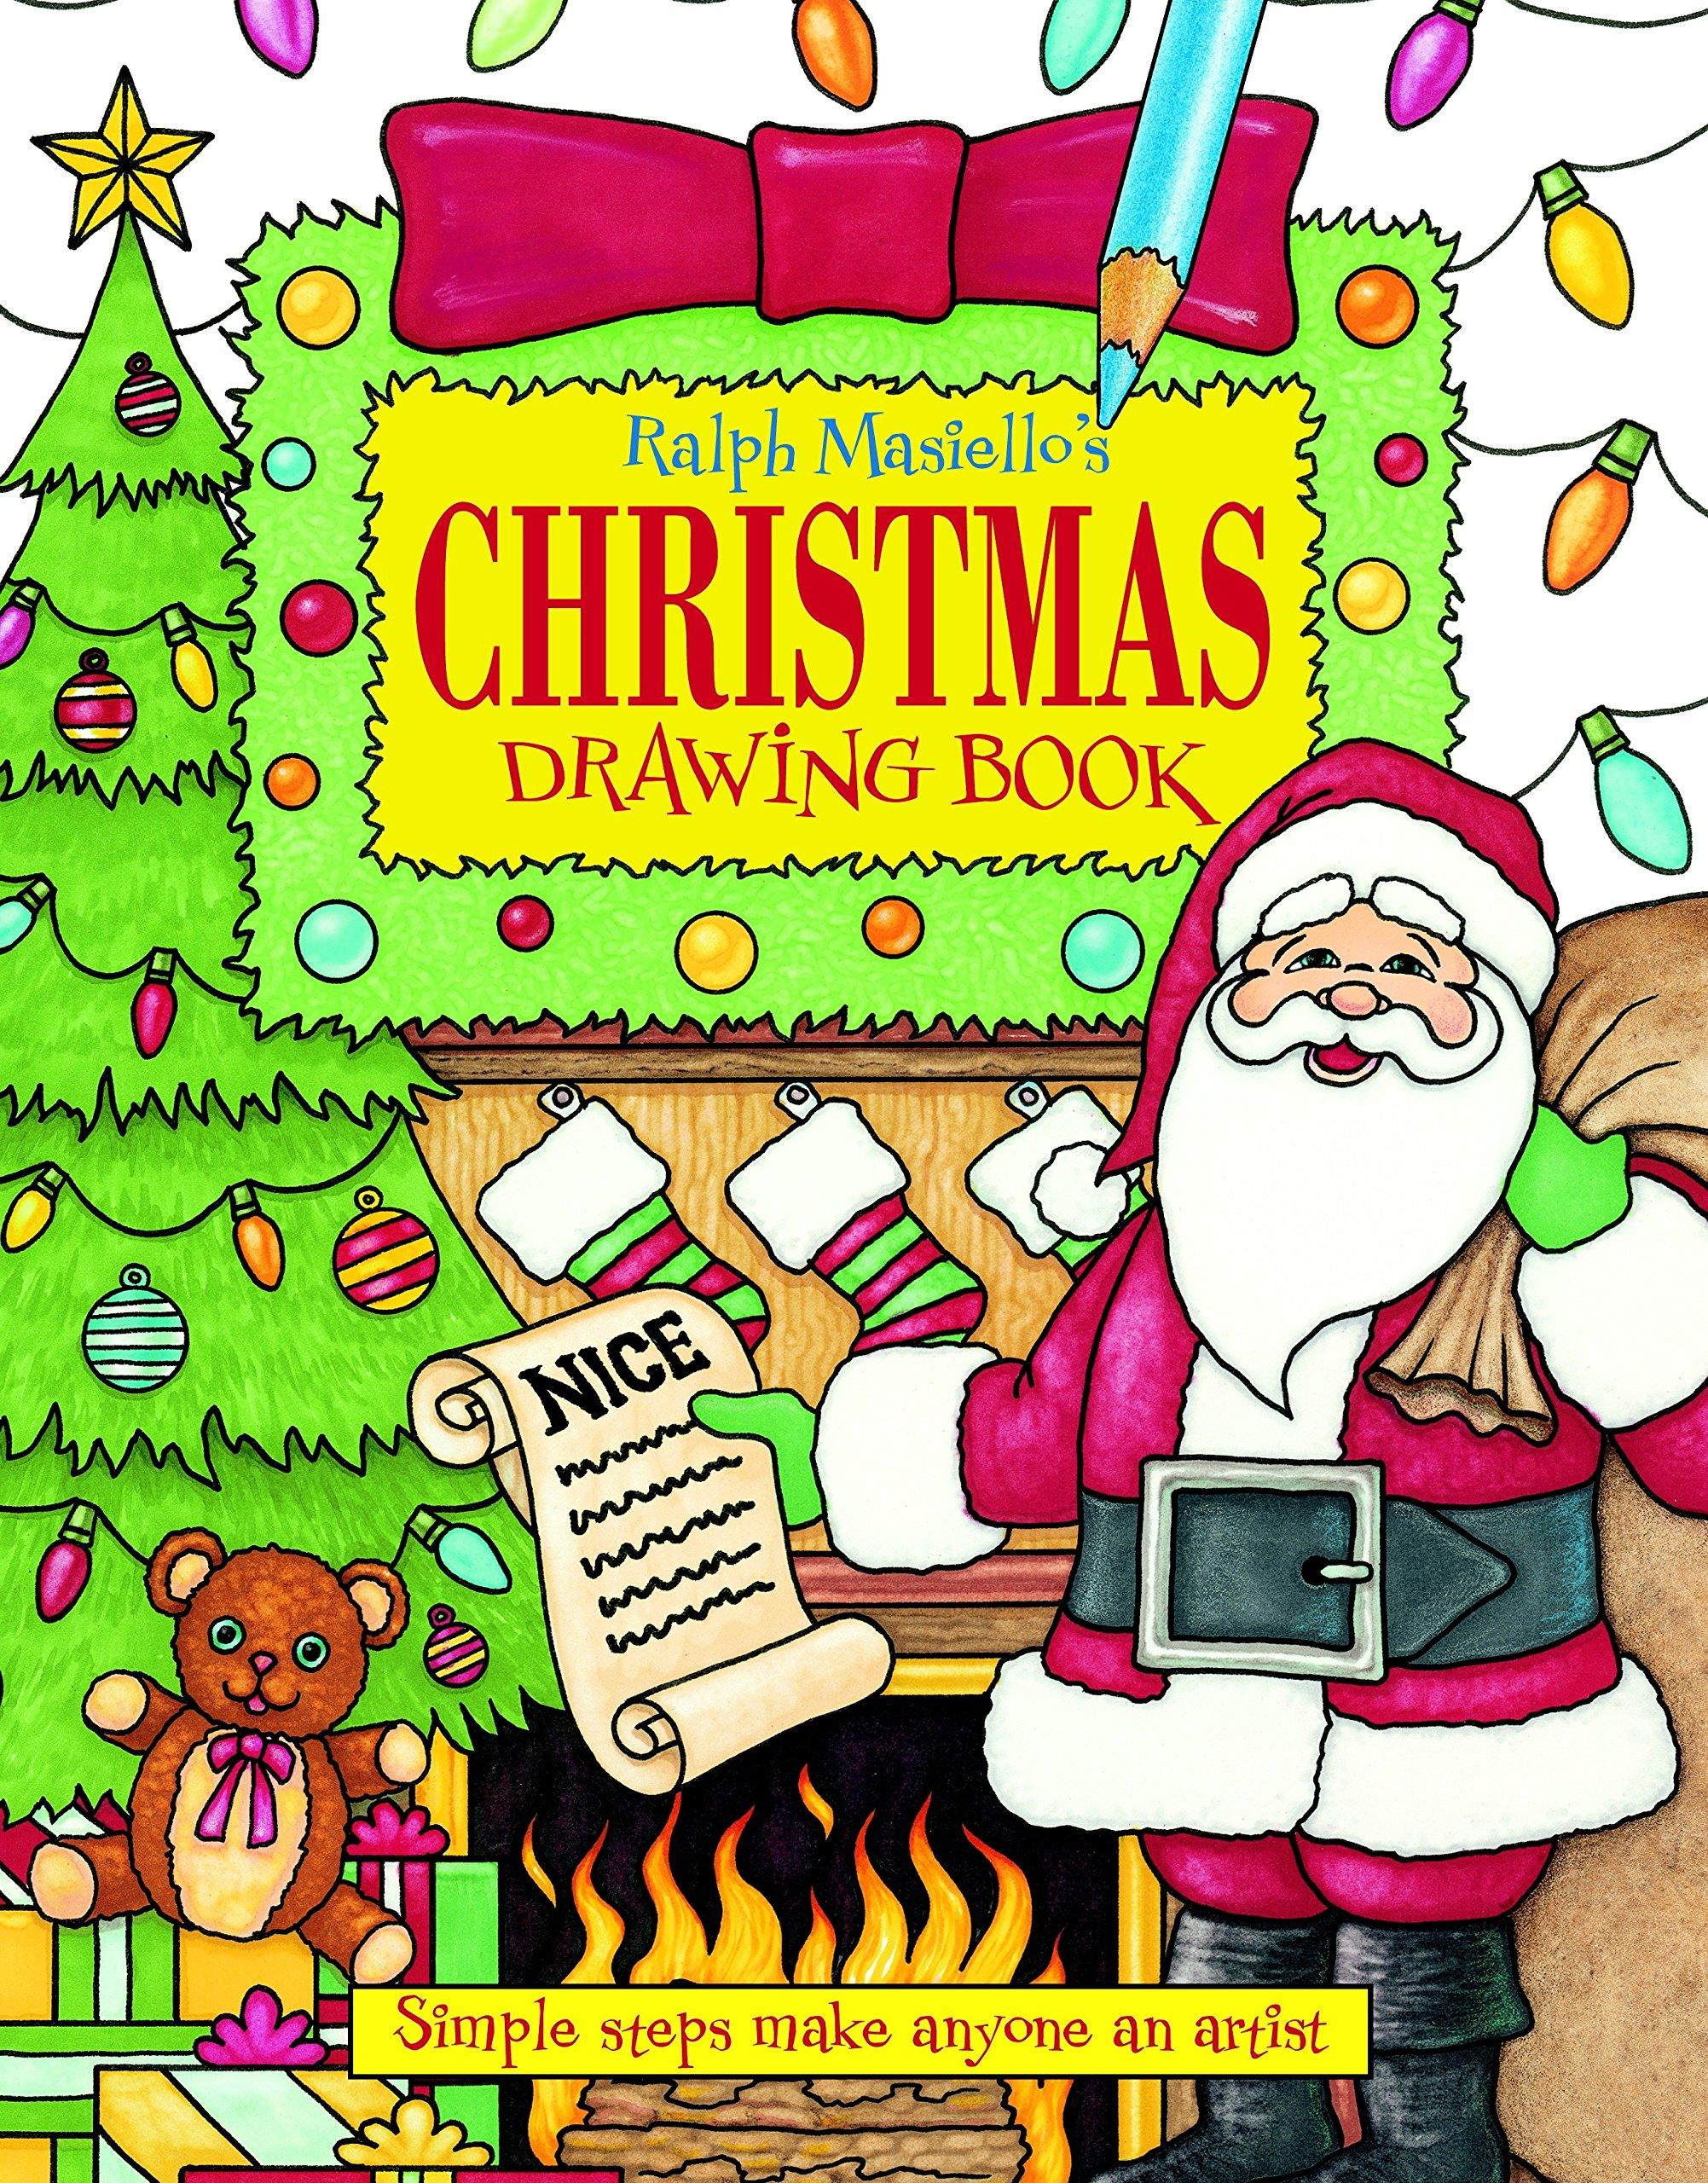 Christmas Drawing.Ralph Masiello S Christmas Drawing Book Ralph Masiello S